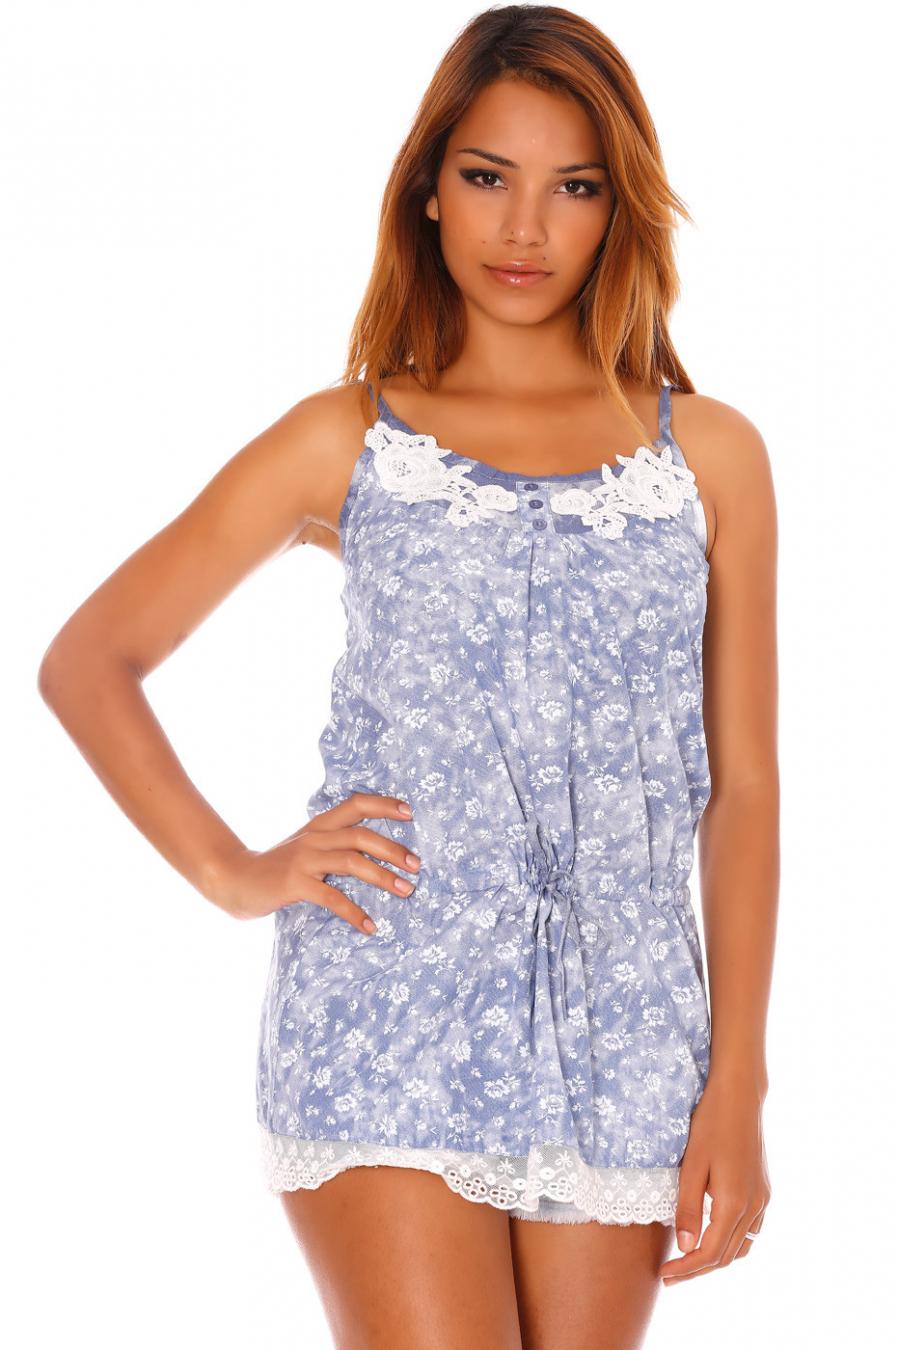 Top à bretelle bleu avec dentelle et motif fleur - P0030